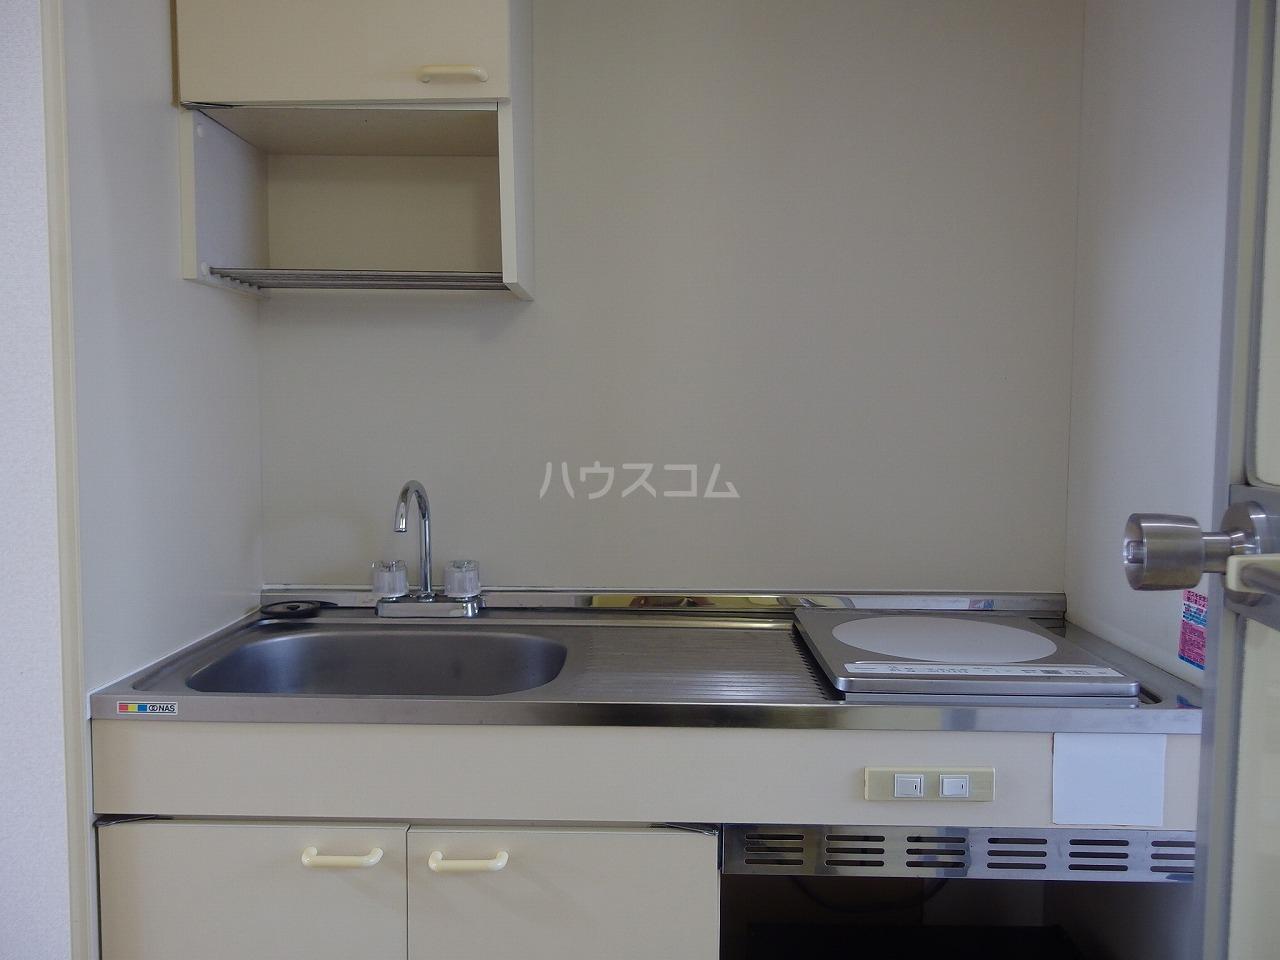 コーポイズミ 206号室のキッチン